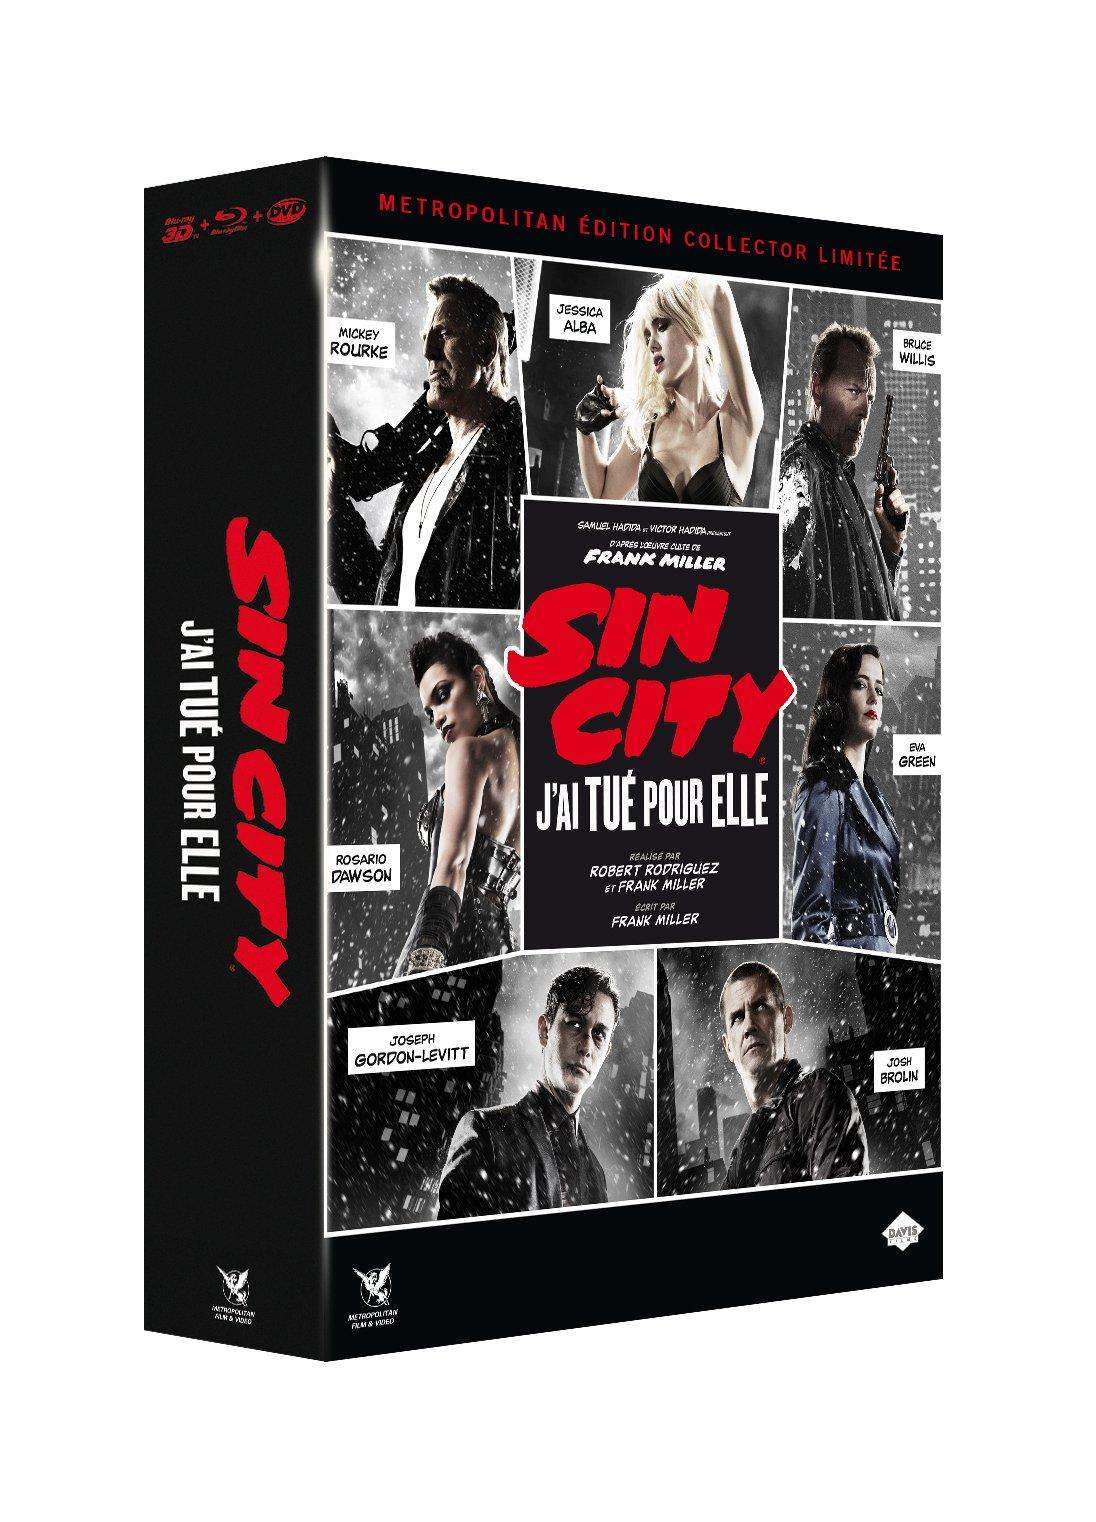 Sin City 2 : J'ai tué pour elle [Édition Collector Limitée Blu-ray 3D + Blu-ray + DVD]